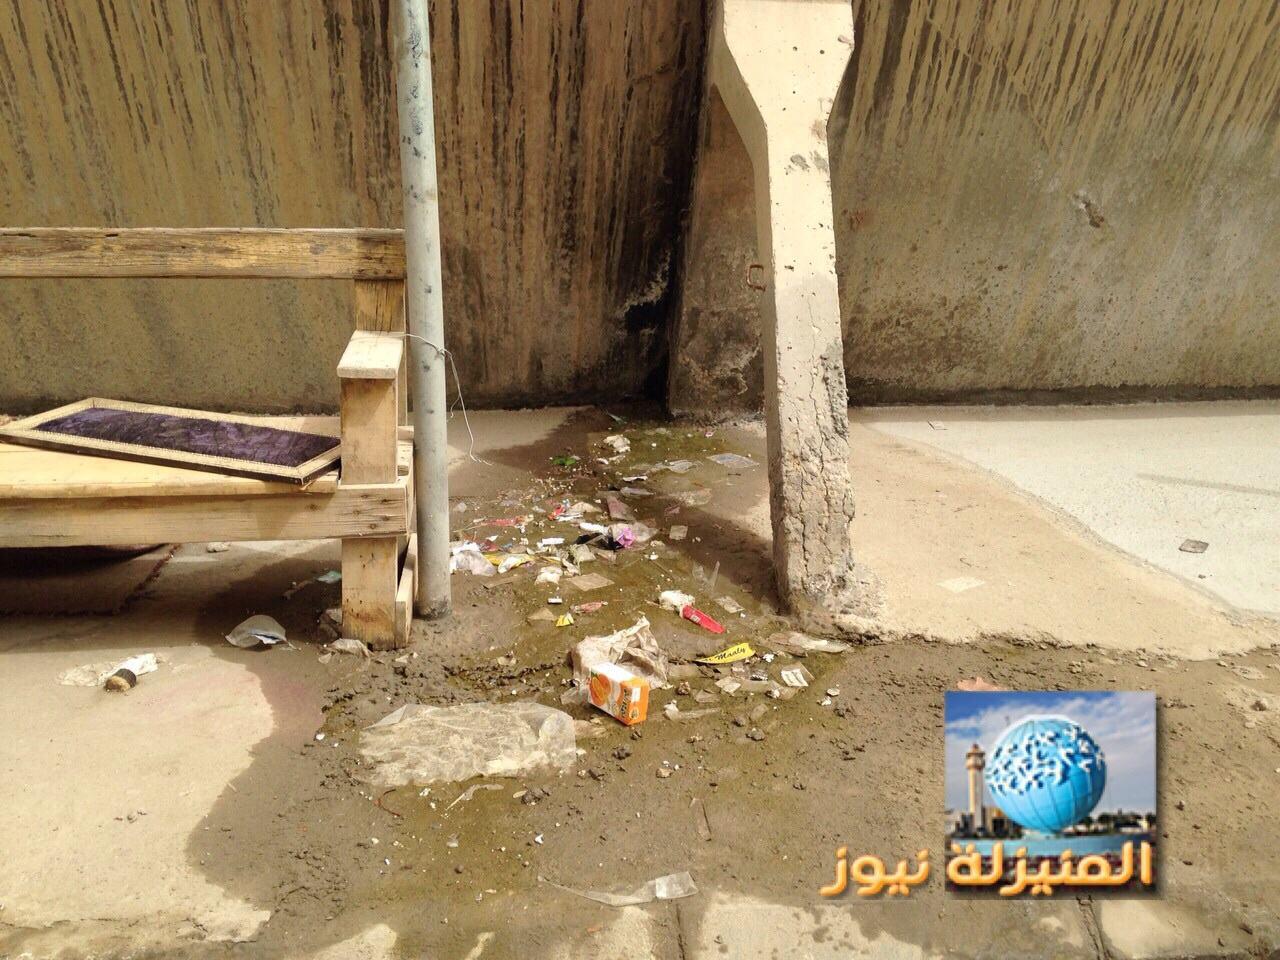 """محمد الدليم  يعقد """" قِرانه """" على كريمة الأخ أبو زهير"""